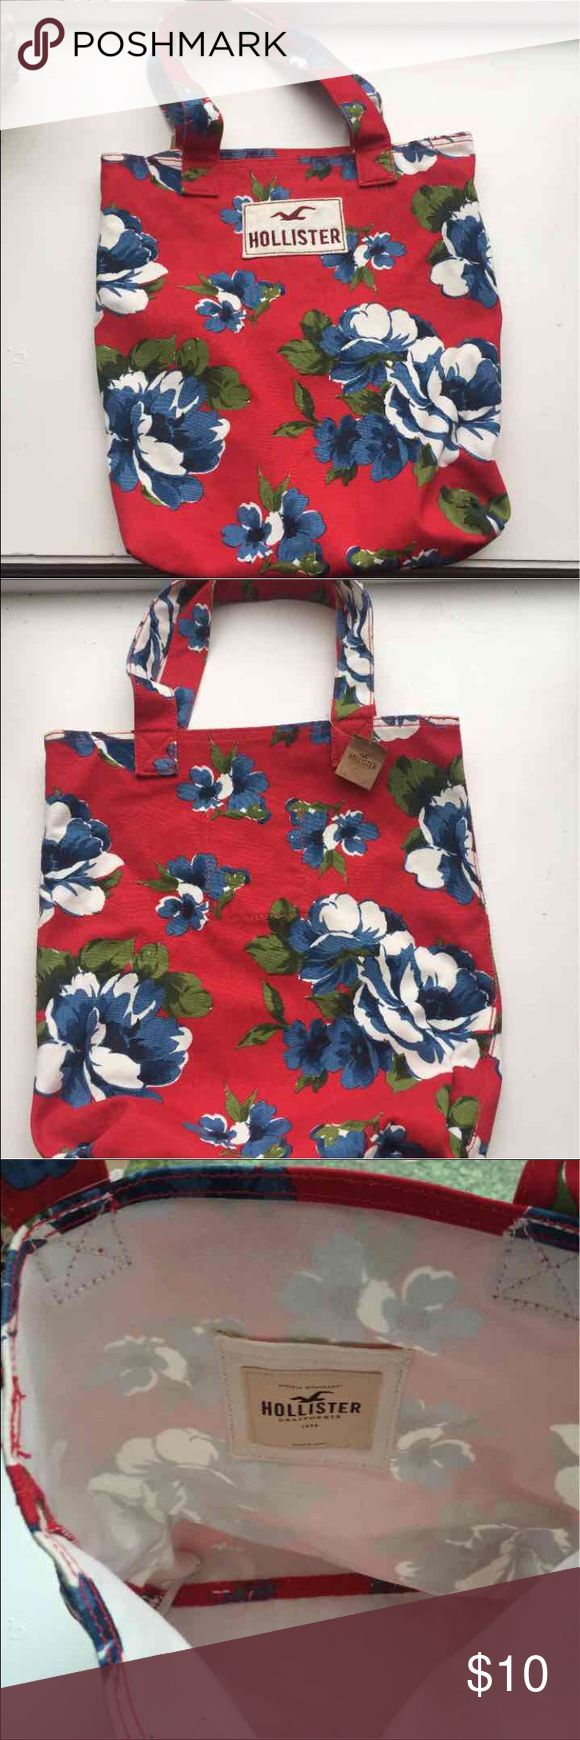 Floral Hollister tote bag Hollister bag/tote/book bag/ floral print/NWT Hollister Bags Totes